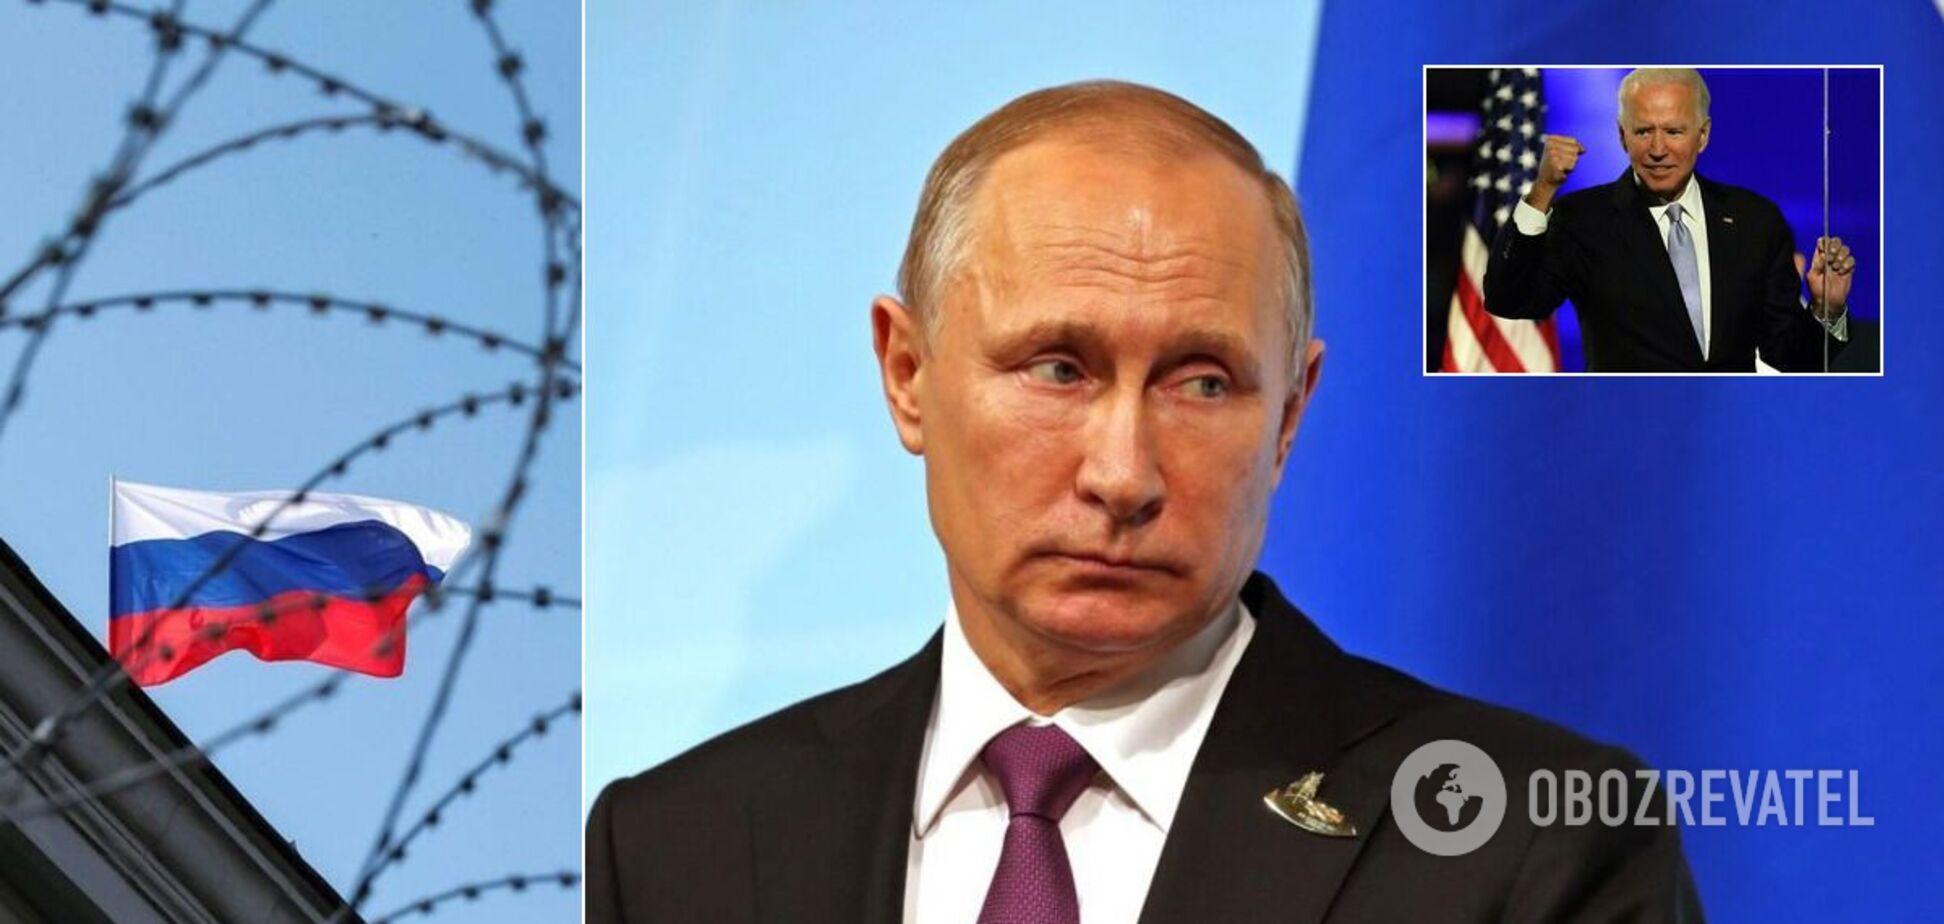 'Путін – ватажок мафії': Обухов розповів, як США можуть розвалити Росію. Бліцінтерв'ю